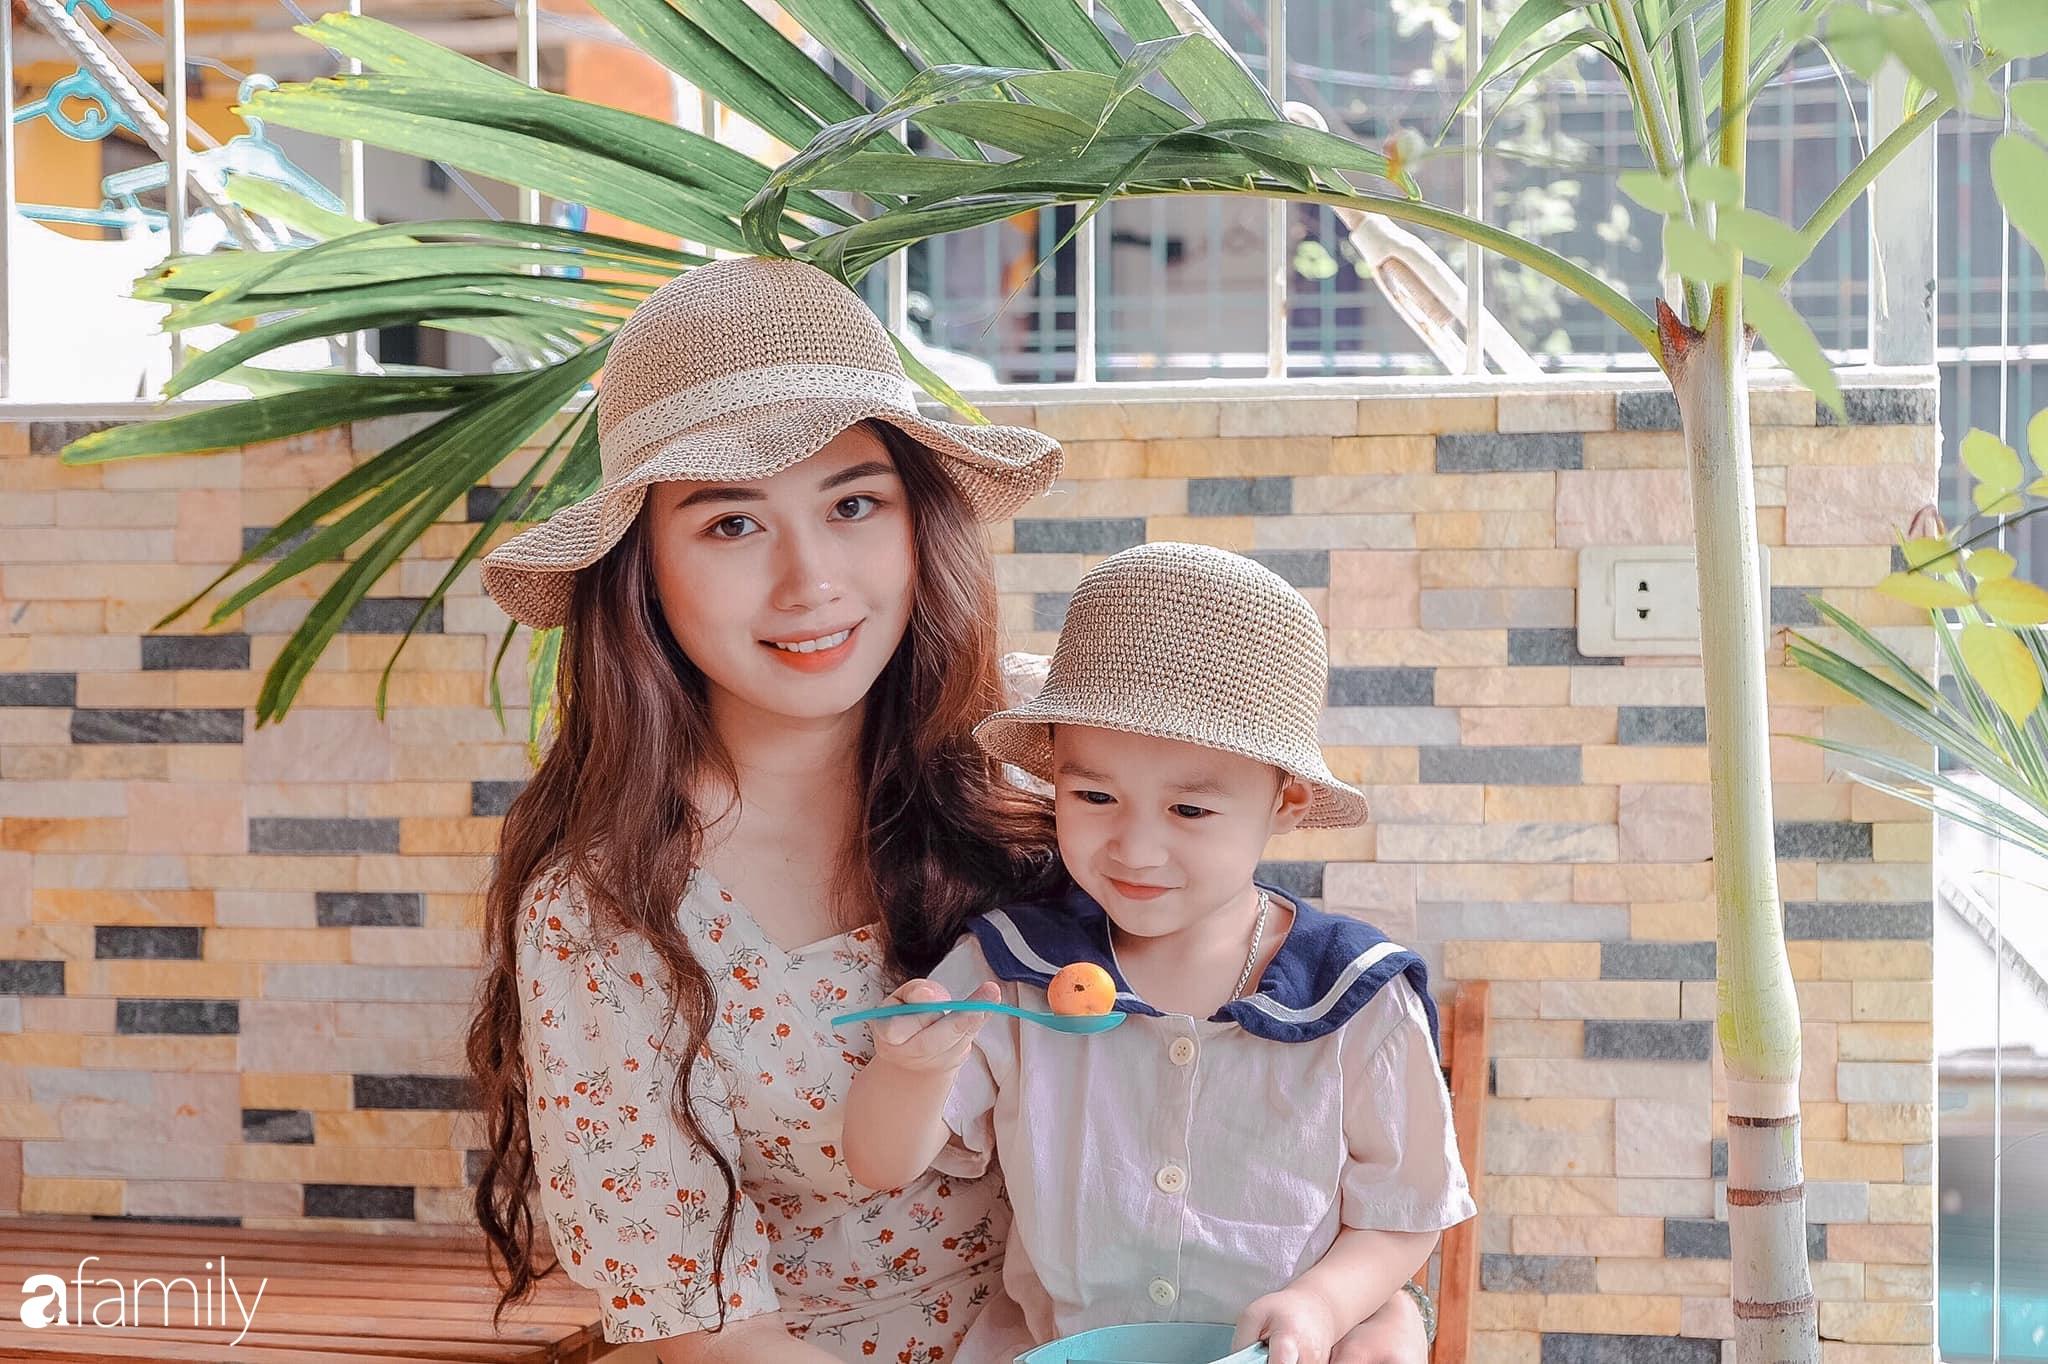 Mẹ trẻ Hà Nội kiếm tiền triệu mùa dịch nhờ móc đồ phụ kiện dễ thương cho mẹ và bé, đã xinh đẹp còn khéo léo khiến chị em mê mệt - Ảnh 1.